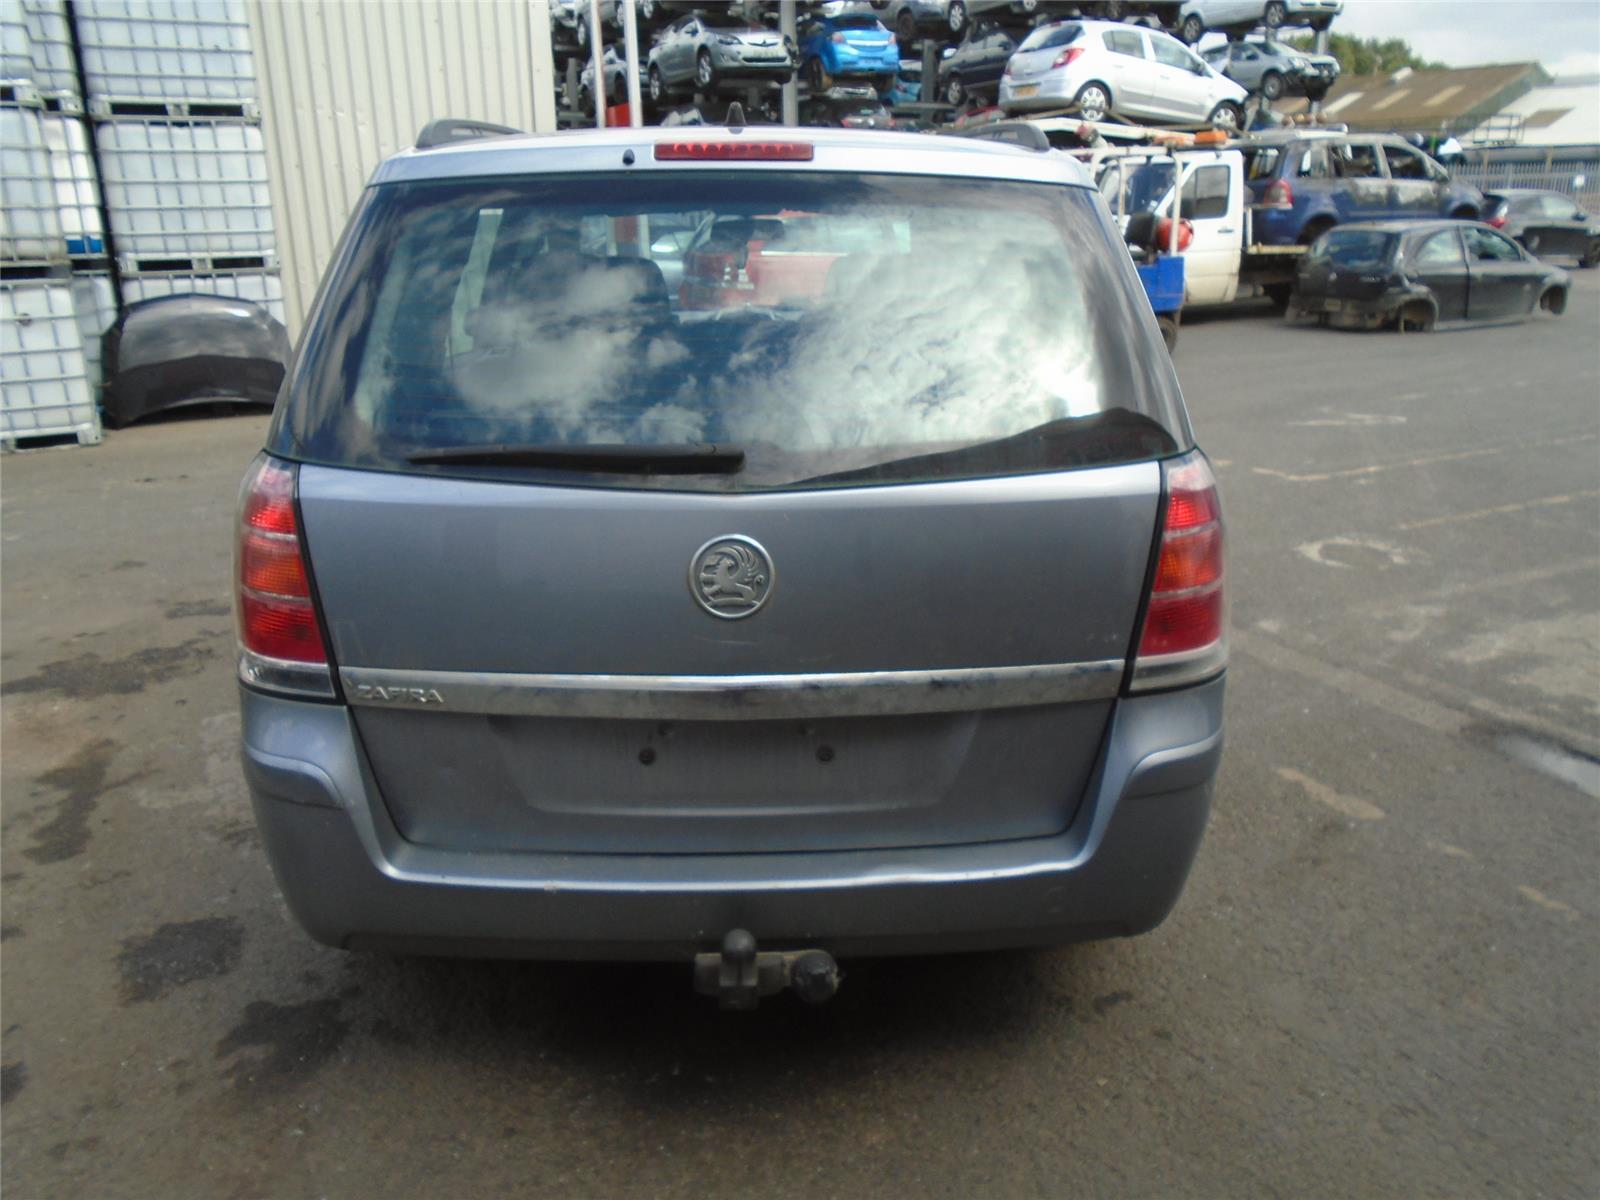 2005 Vauxhall Zafira Club 16v Petrol Mpv Multi Purpose Vehicle 5